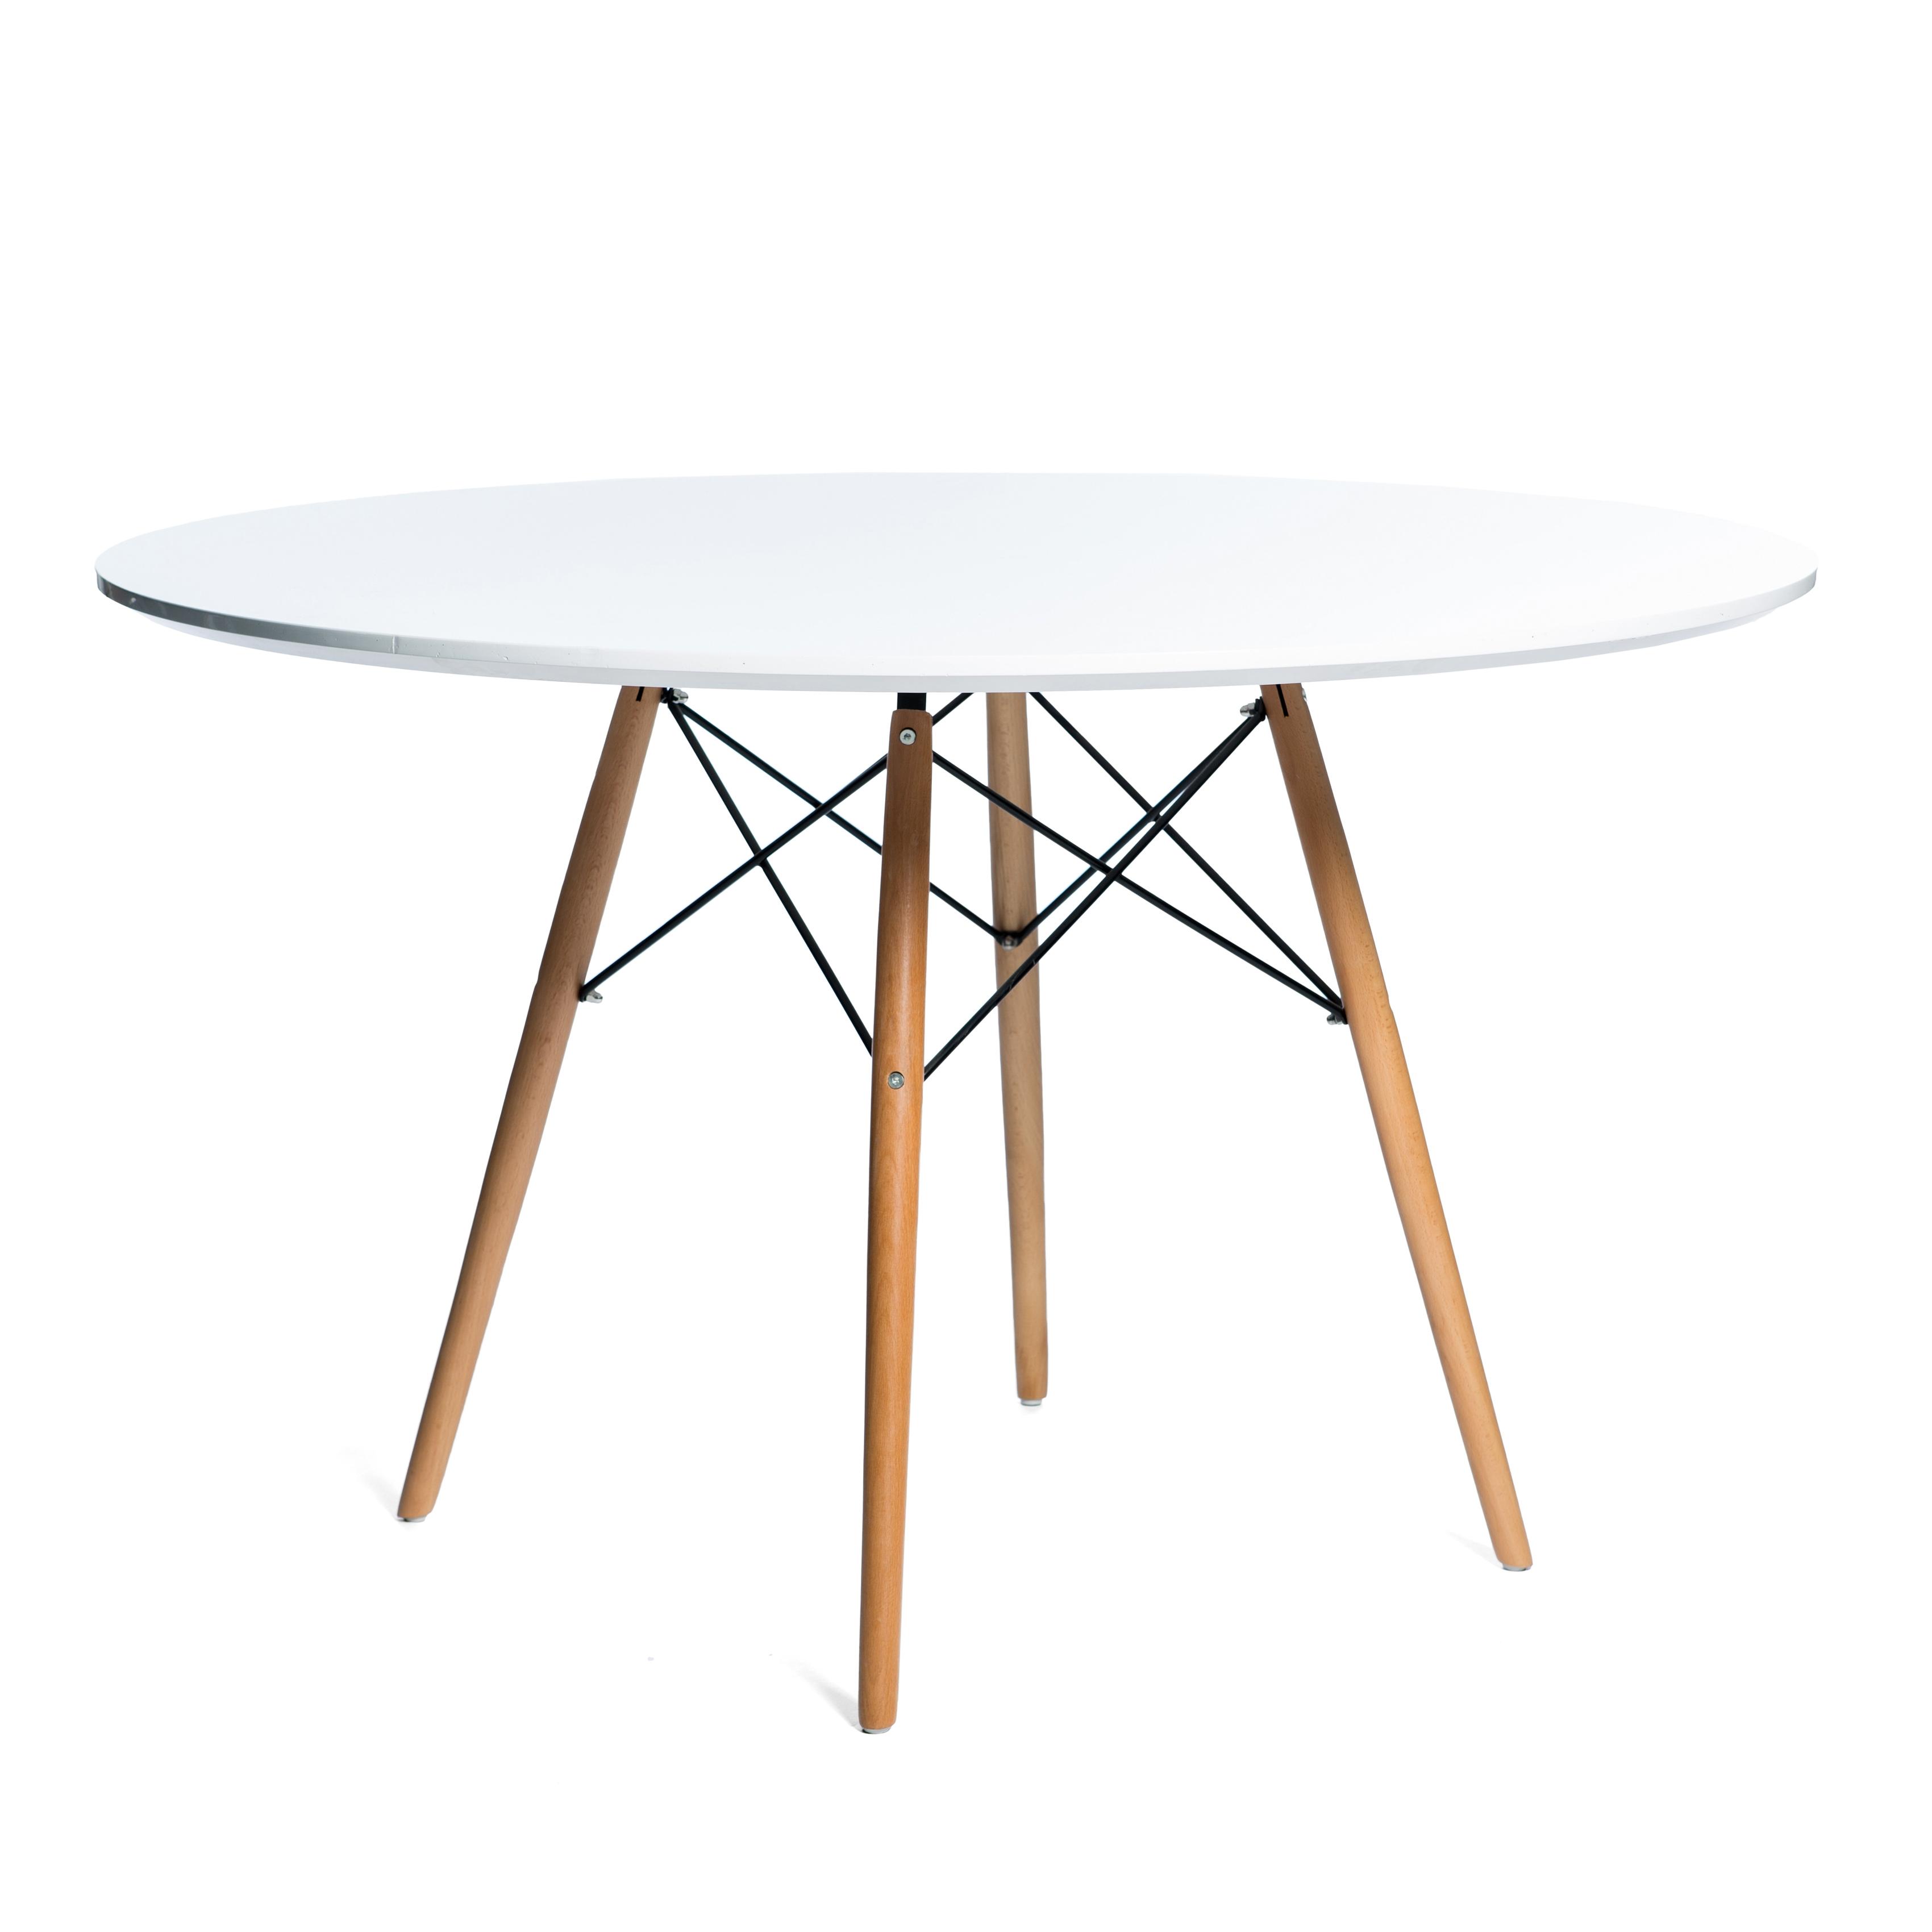 Tisch Rund 100 Cm.Tisch Lemans 100 Cm Esstische